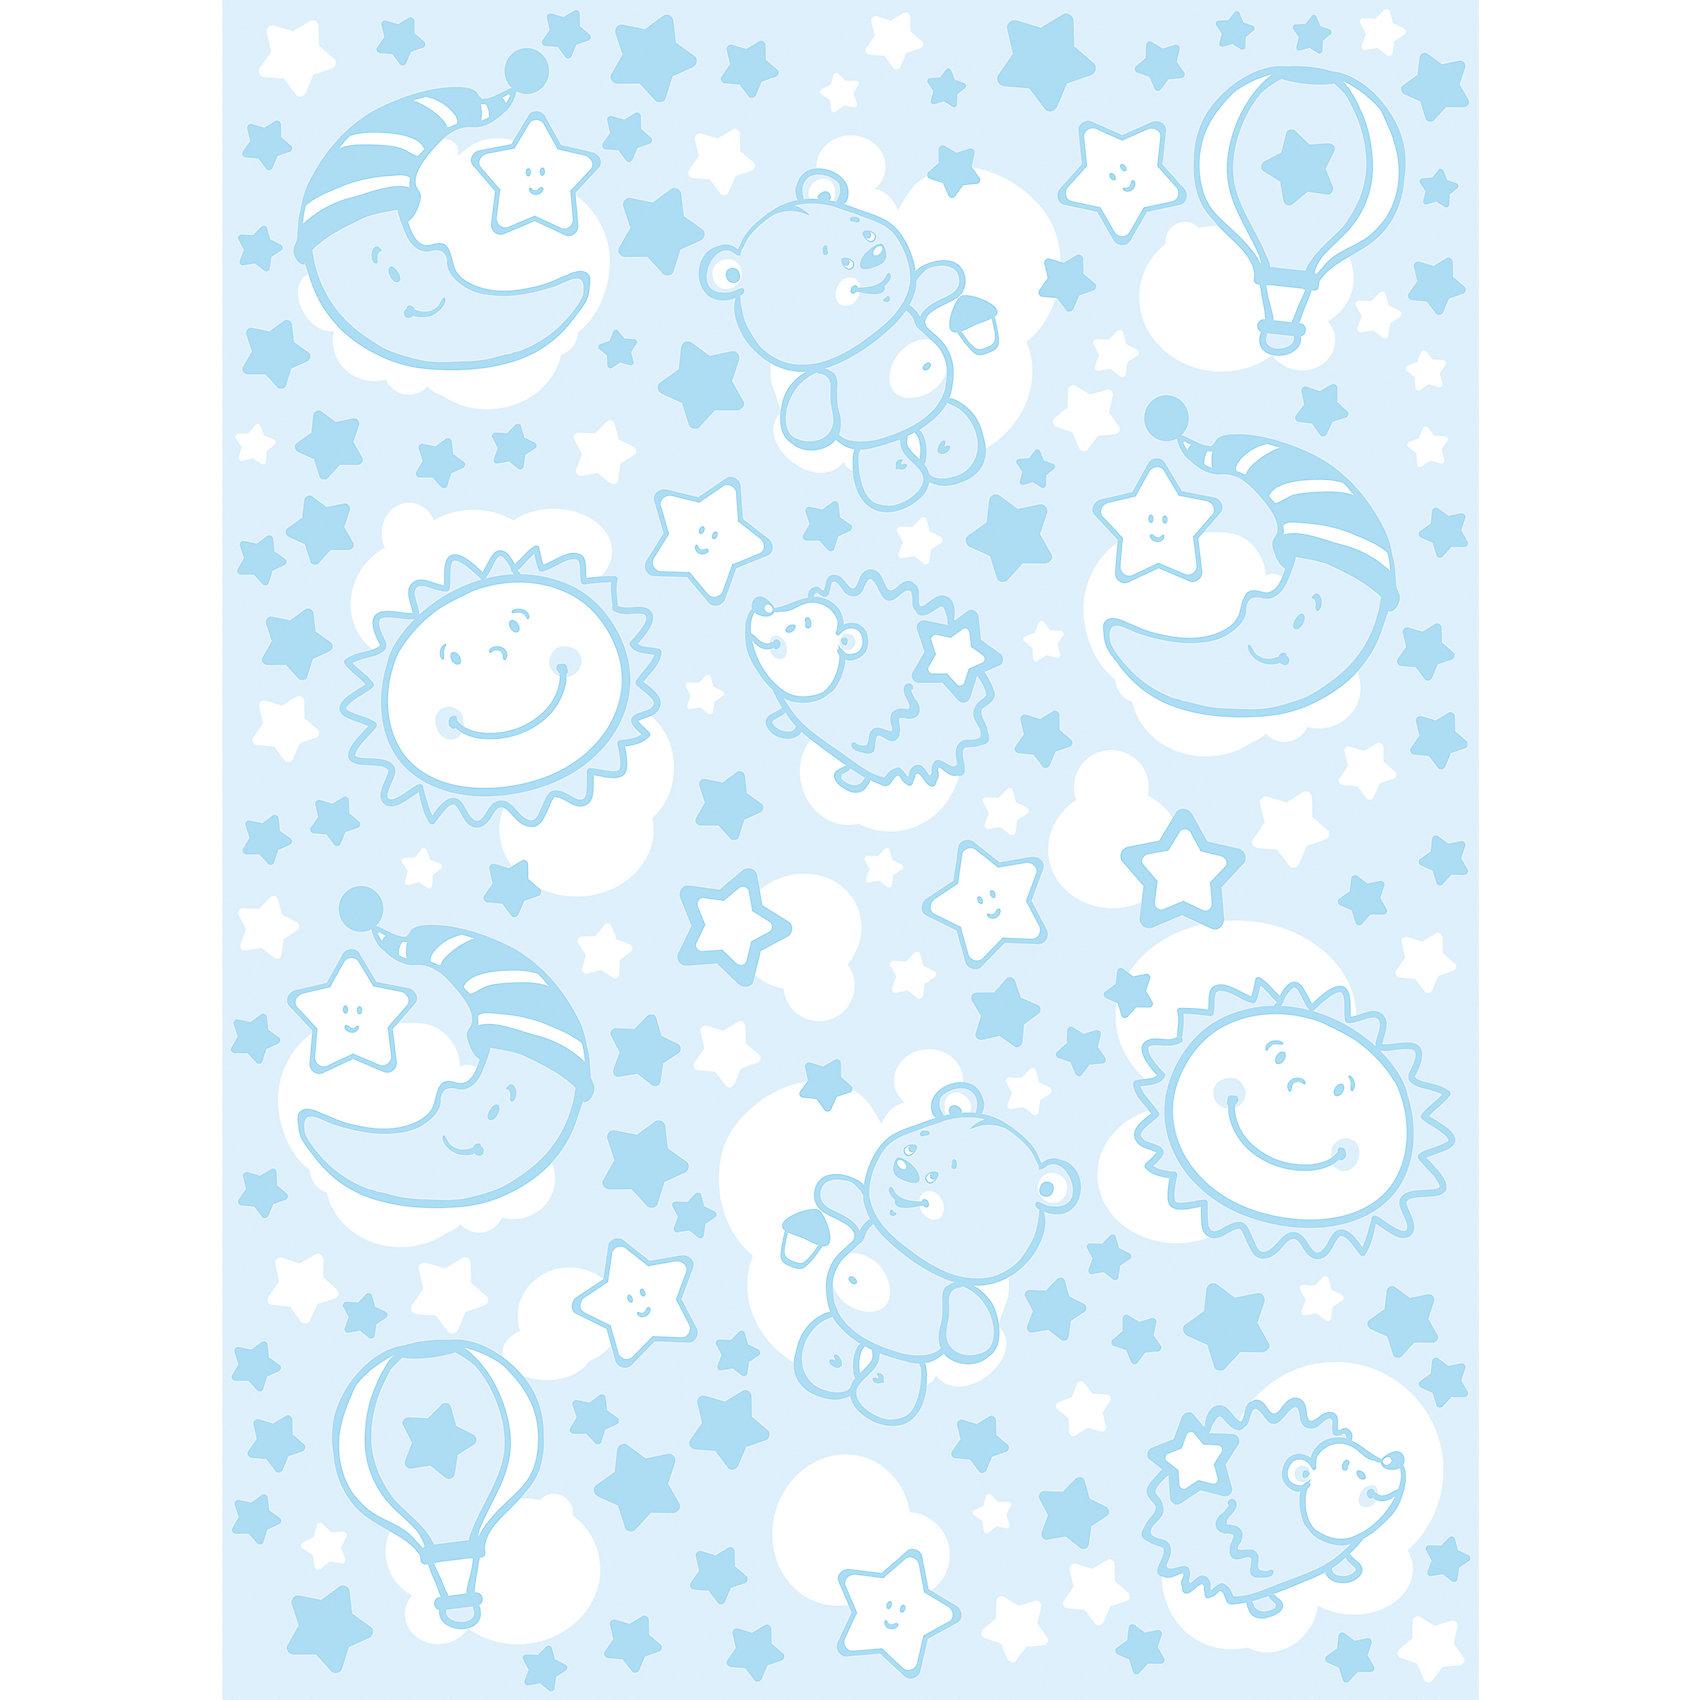 Одеяло байковое Звёздная ночь, 85х115, Baby Nice, голубойОдеяла, пледы<br>Мягкое байковое одеяло Звездная ночь подарит малышам крепкий, комфортный и здоровый сон. Одеяло выполнено из натурального хлопка, прекрасно пропускает воздух, сохраняя при этом тепло, что обеспечивает поддержание комфортного микроклимата как дома, так и на прогулке. Абсолютно гипоаллергенное, идеально подходит для новорожденных детей. <br><br>Дополнительная информация:<br><br>- Материал: хлопок 100%, жаккард.<br>- Размер: 115х85 см. <br>- Отделка: оверлок.<br>- Цвет: голубой.<br>- Декоративные элементы: принт.<br>- Одностороннее.  <br>- Стирка: машинная при 40 ?. <br><br>Одеяло байковое Звёздная ночь, 85х115, Baby Nice (Беби Найс), голубое, можно купить в нашем магазине.<br><br>Ширина мм: 40<br>Глубина мм: 5<br>Высота мм: 30<br>Вес г: 500<br>Возраст от месяцев: 0<br>Возраст до месяцев: 60<br>Пол: Мужской<br>Возраст: Детский<br>SKU: 4058252